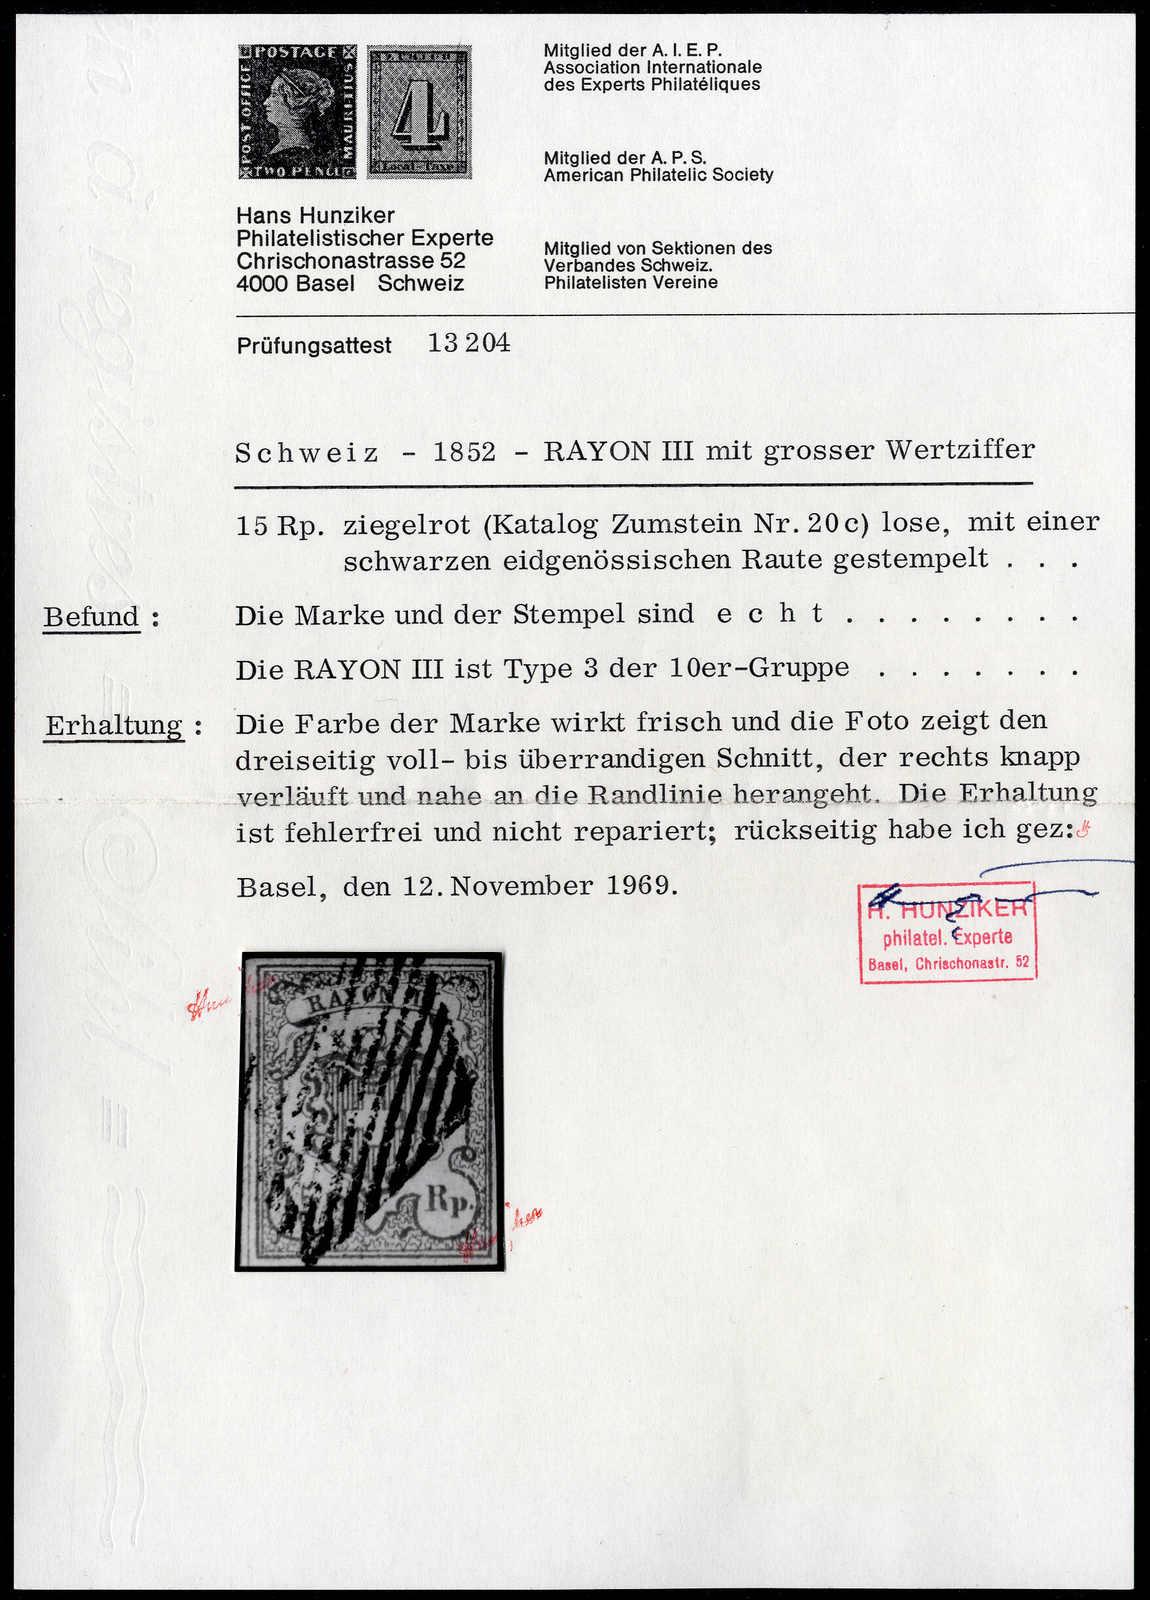 Lot 25 - sammlungen und posten sammlungen und posten altschweiz -  Rolli Auctions Auction #68 Day 1